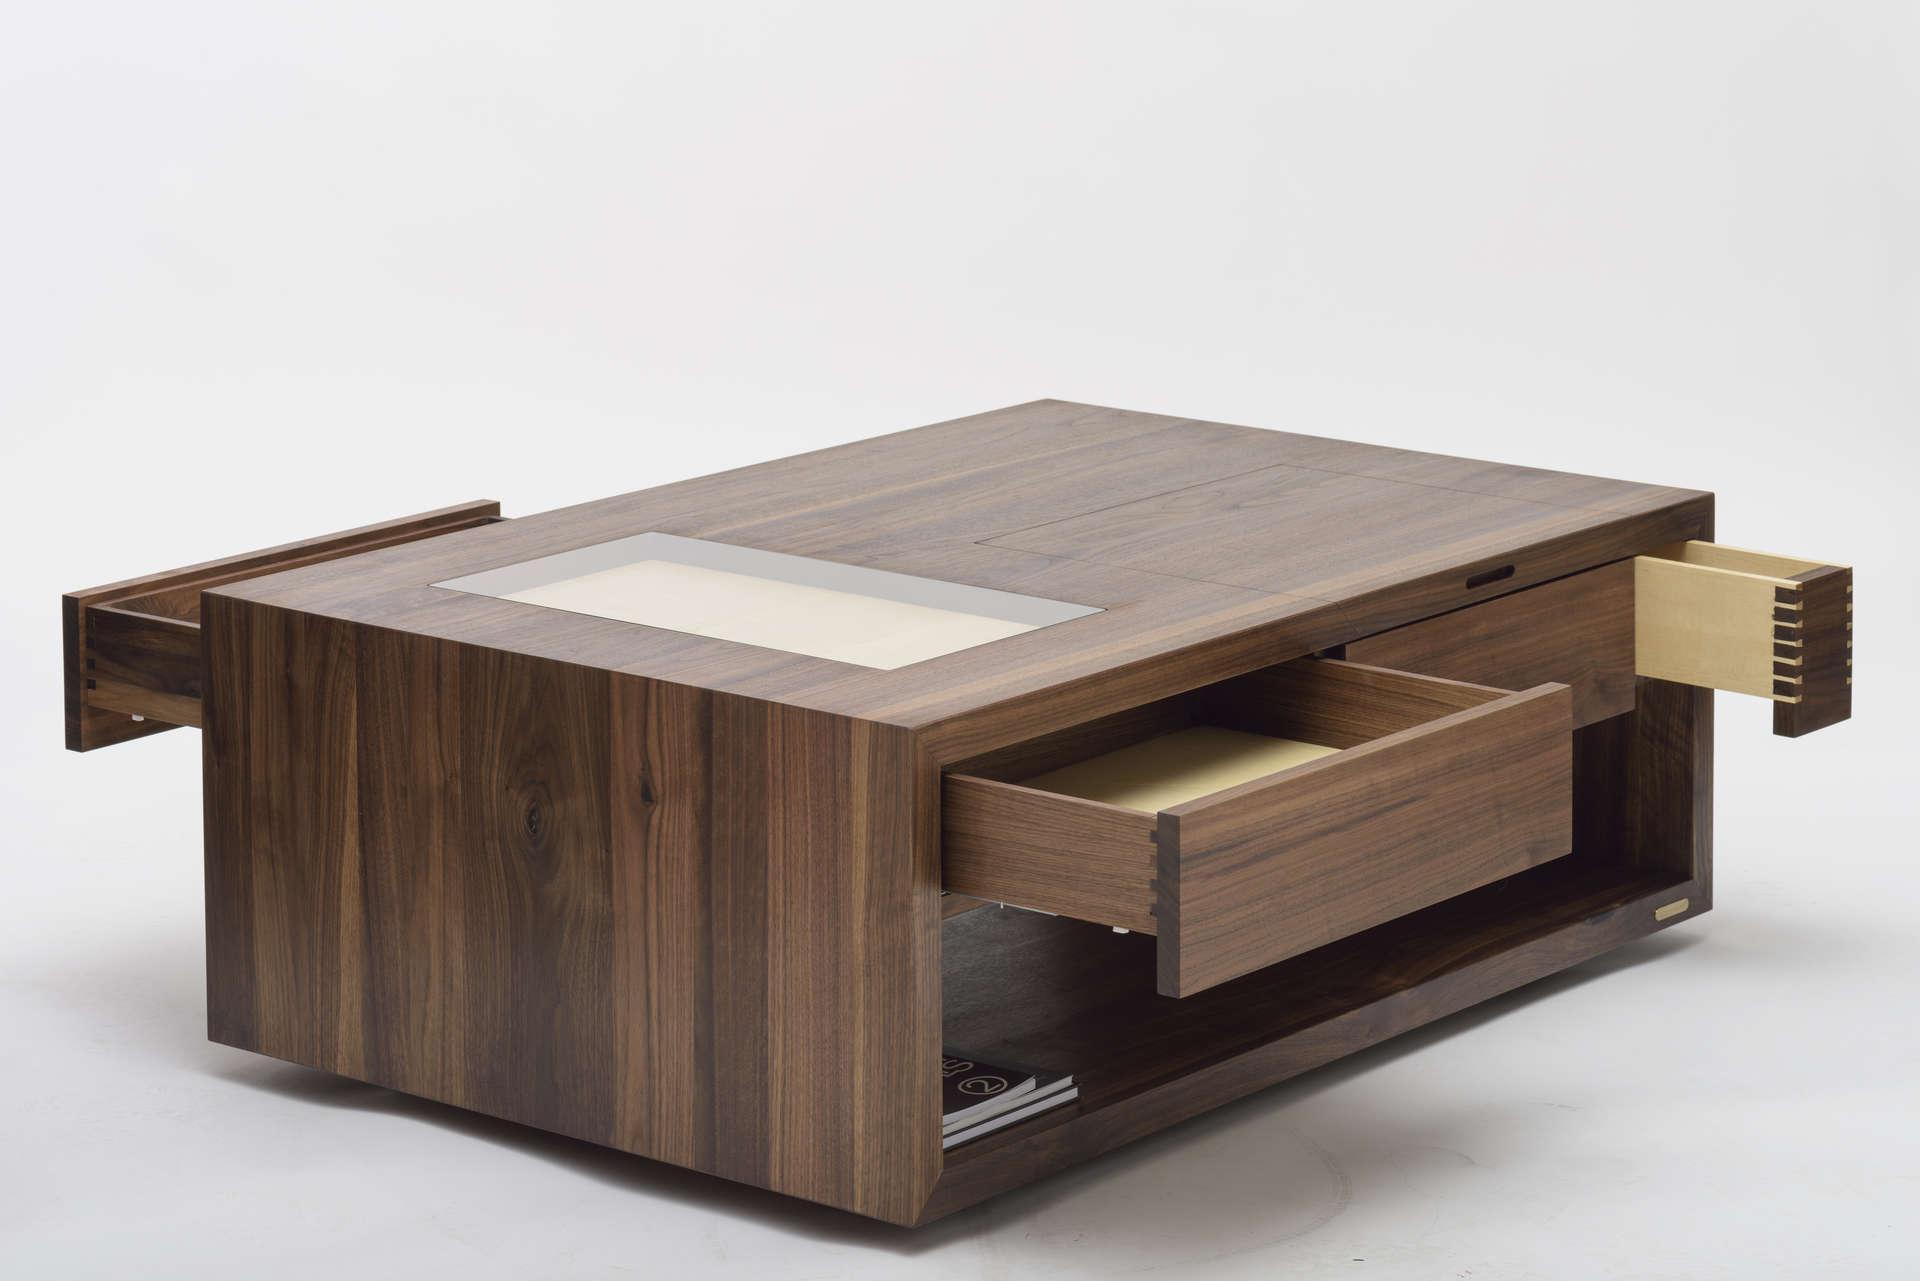 Wohnzimmer Couchtisch aus Nussholz mit Tip-On Massivholzladen.